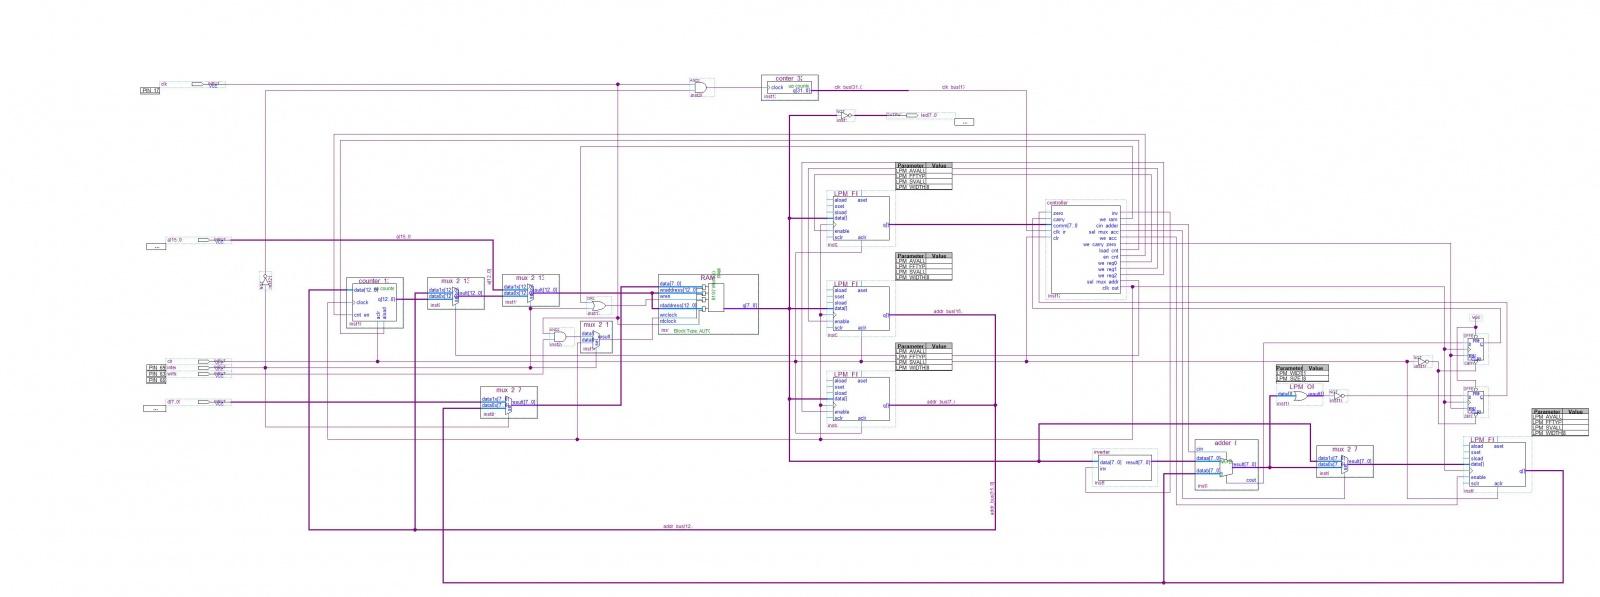 Реализация процессорной архитектуры из книги Чарльза Петцольда «Код. Тайный язык информатики» - 3